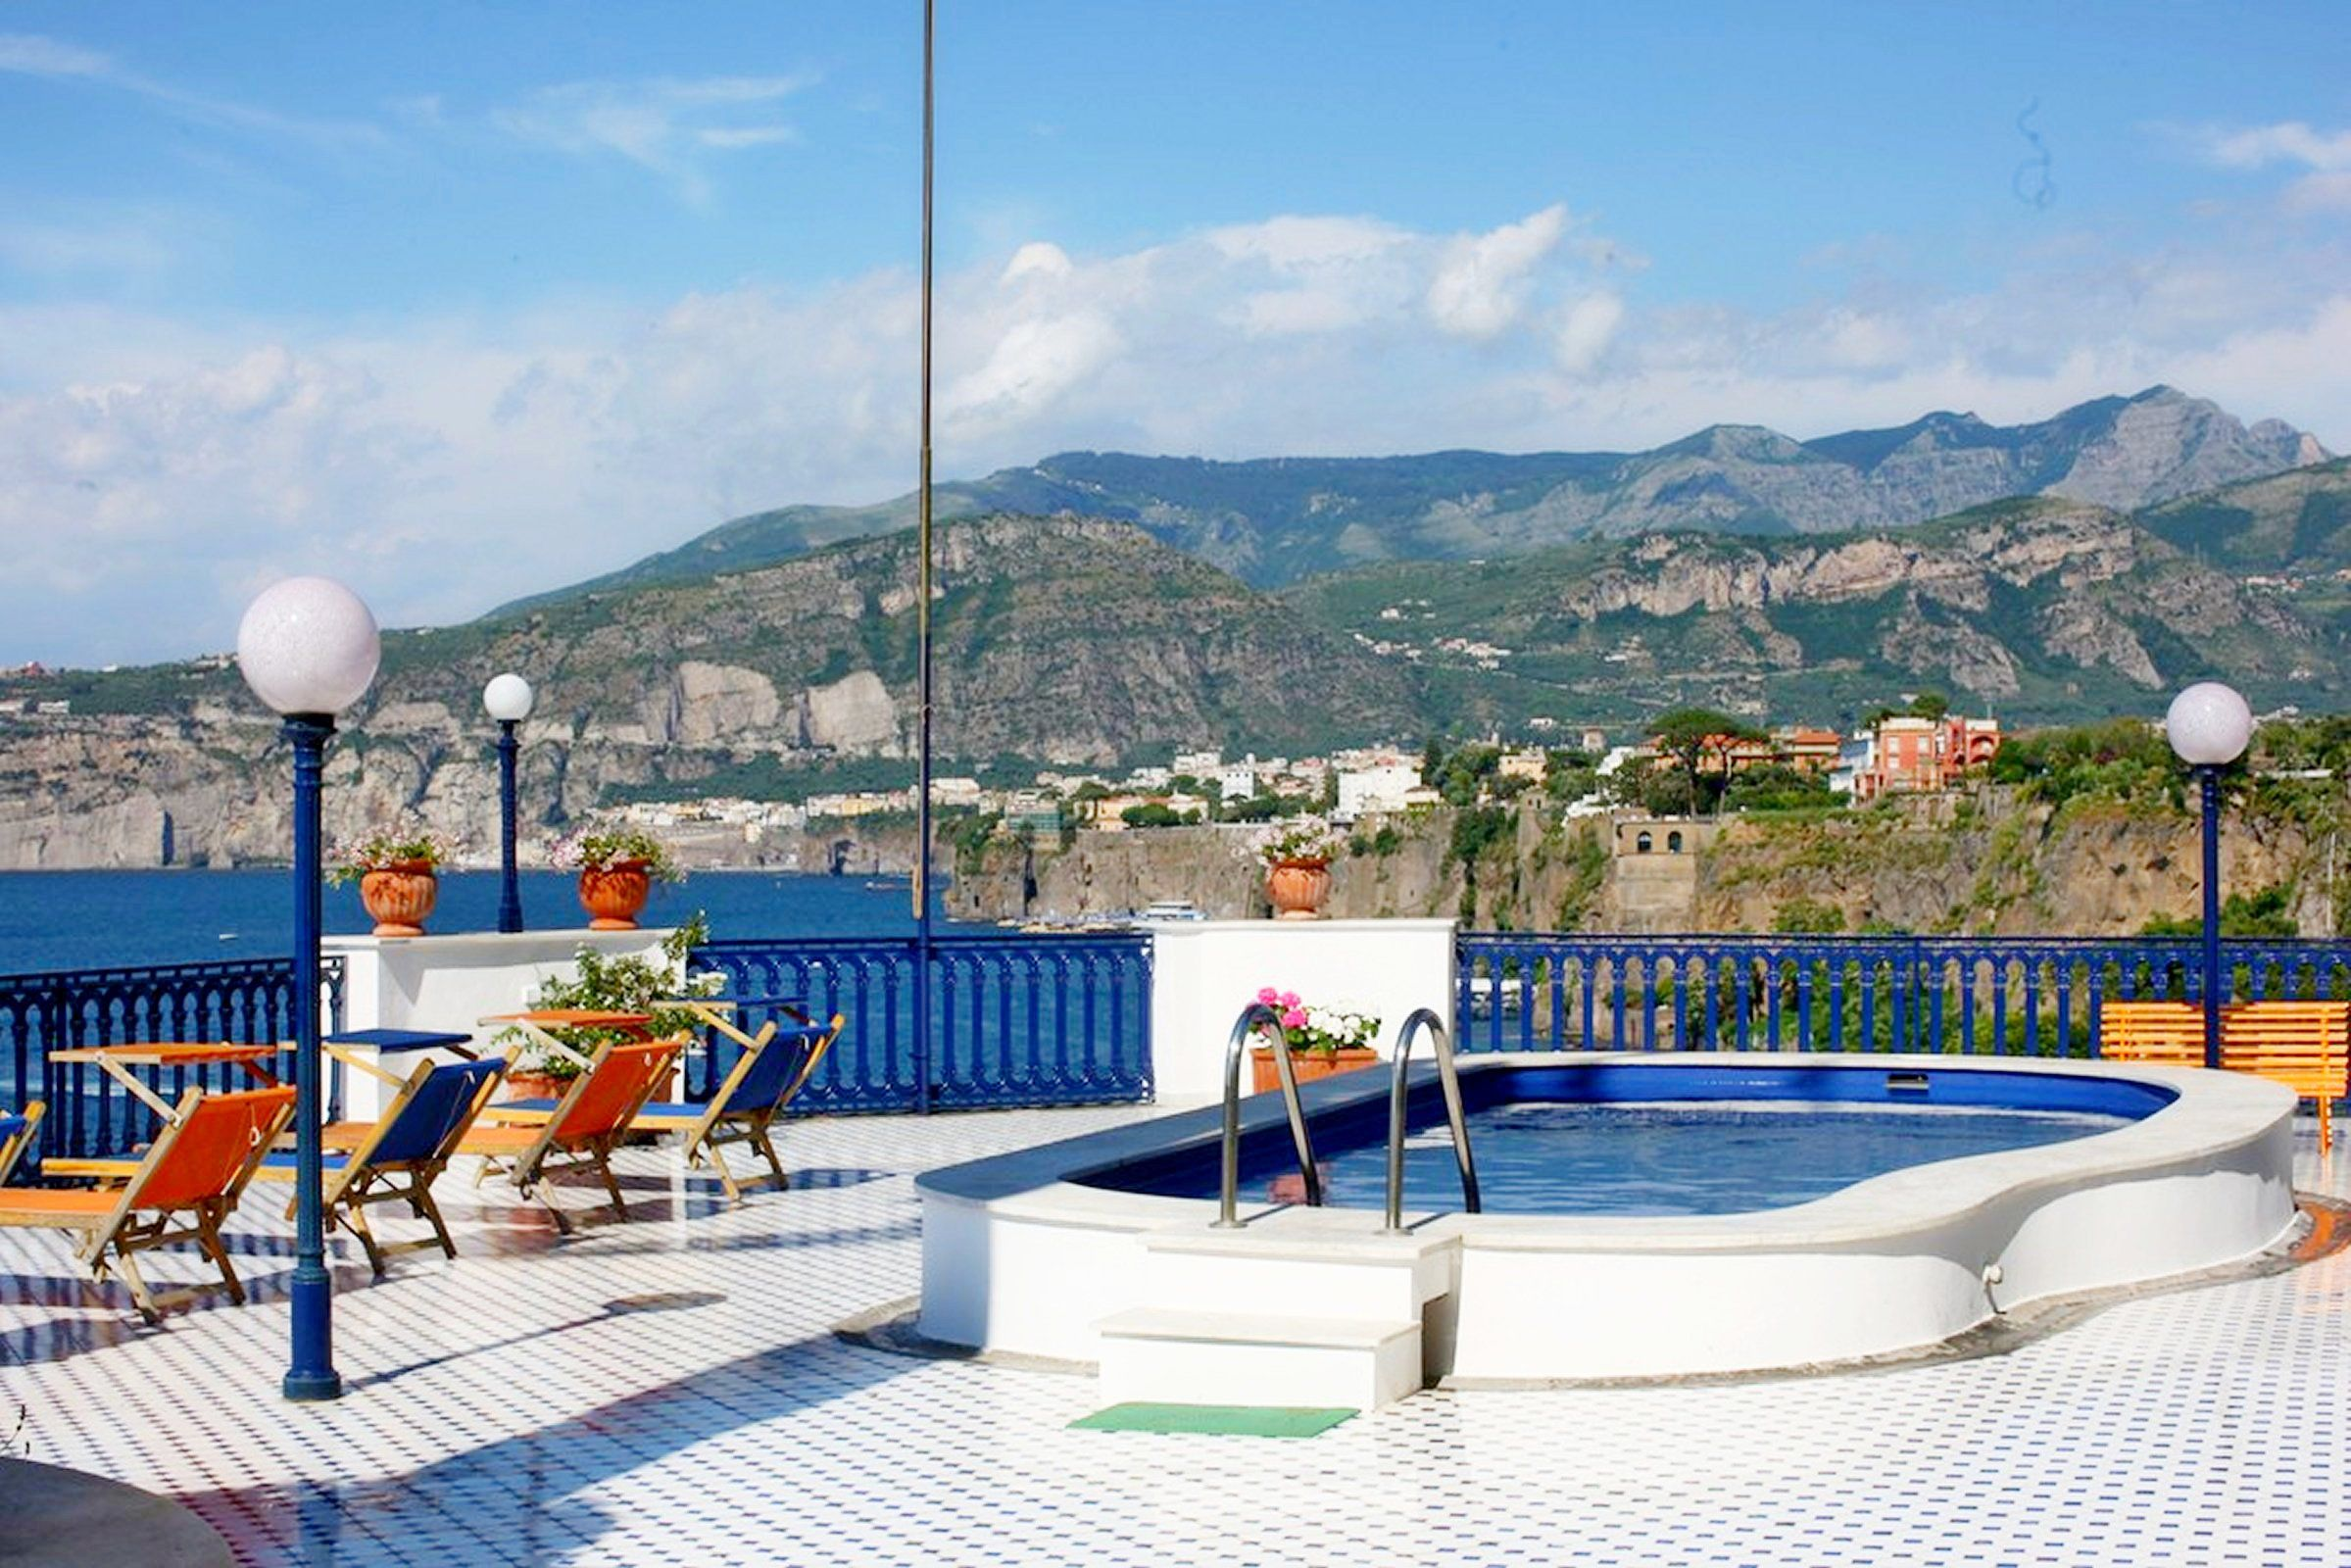 Pool and terrace at Villa la Terrazza, Sorrento | Our villa ...